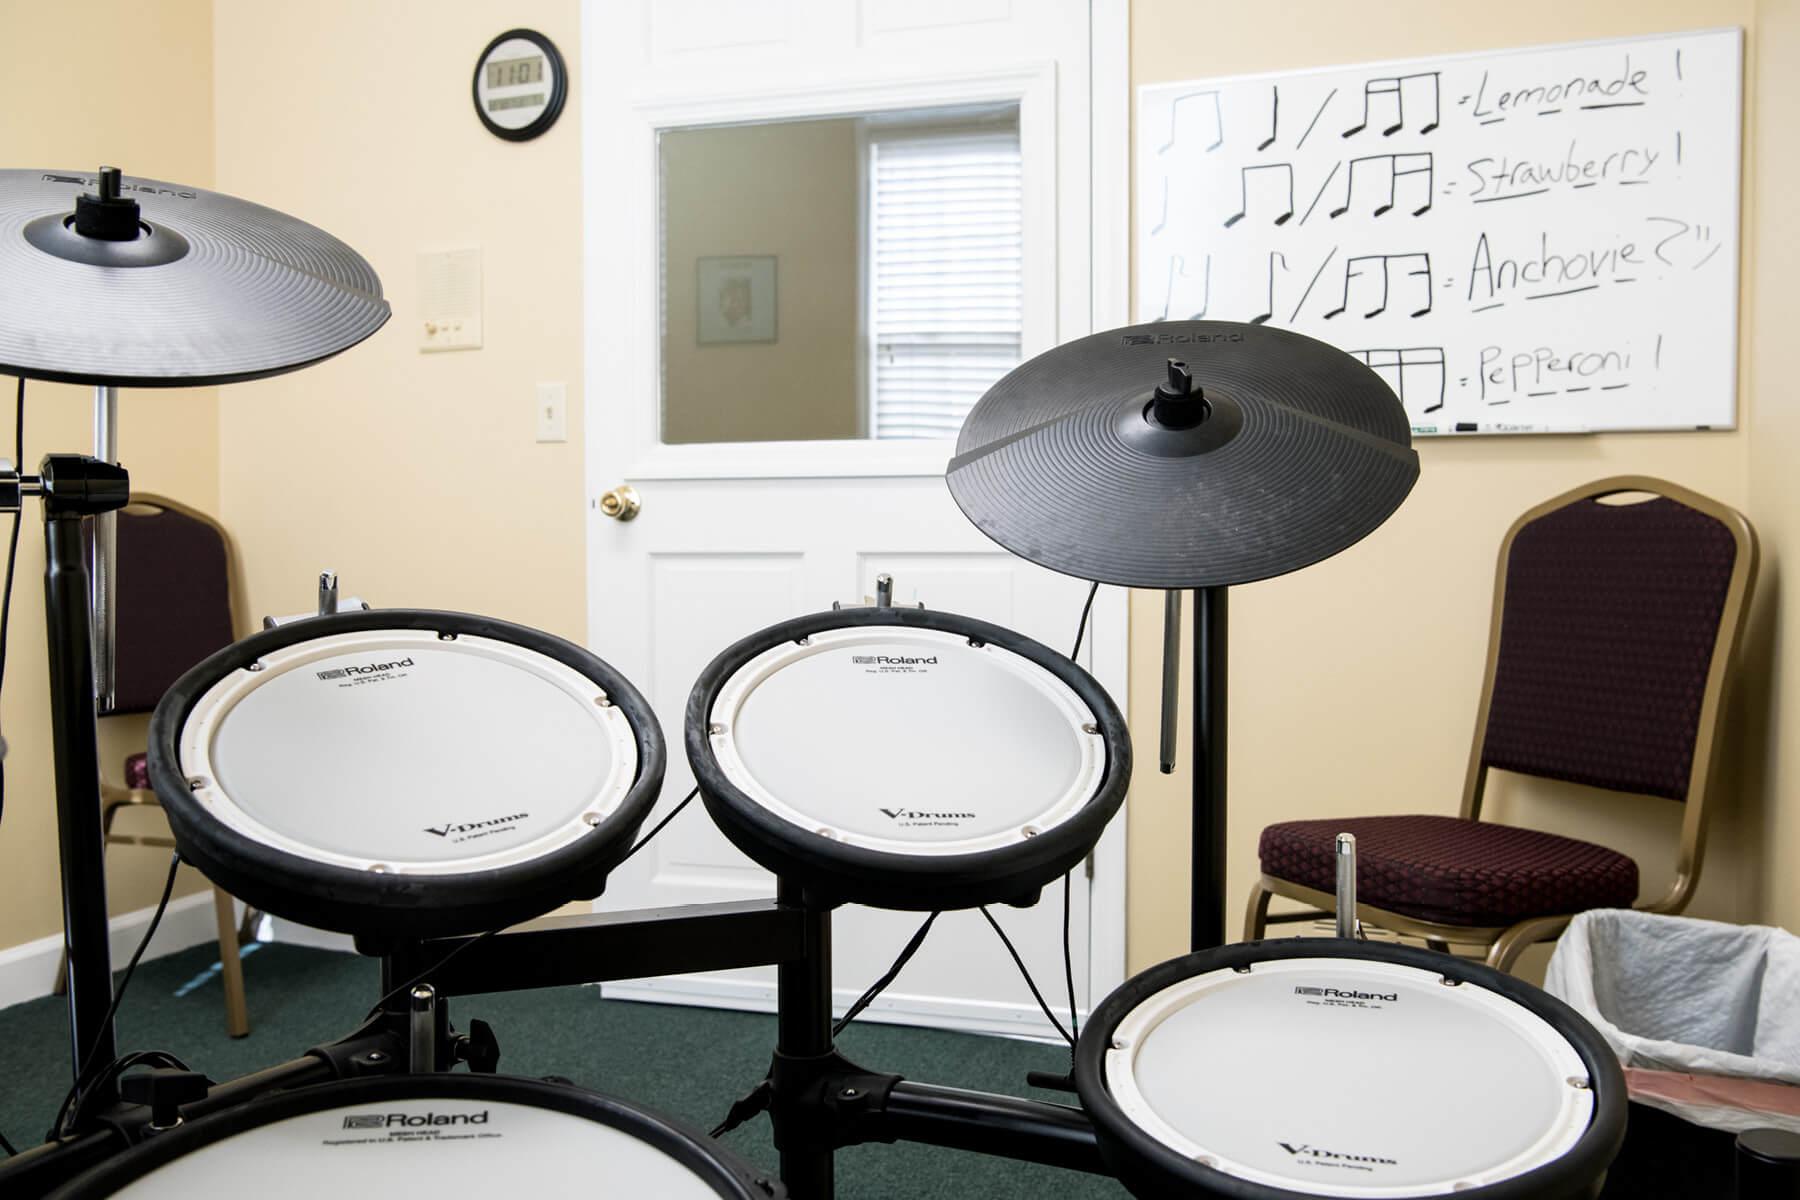 Close up shot of electronic drum kit.